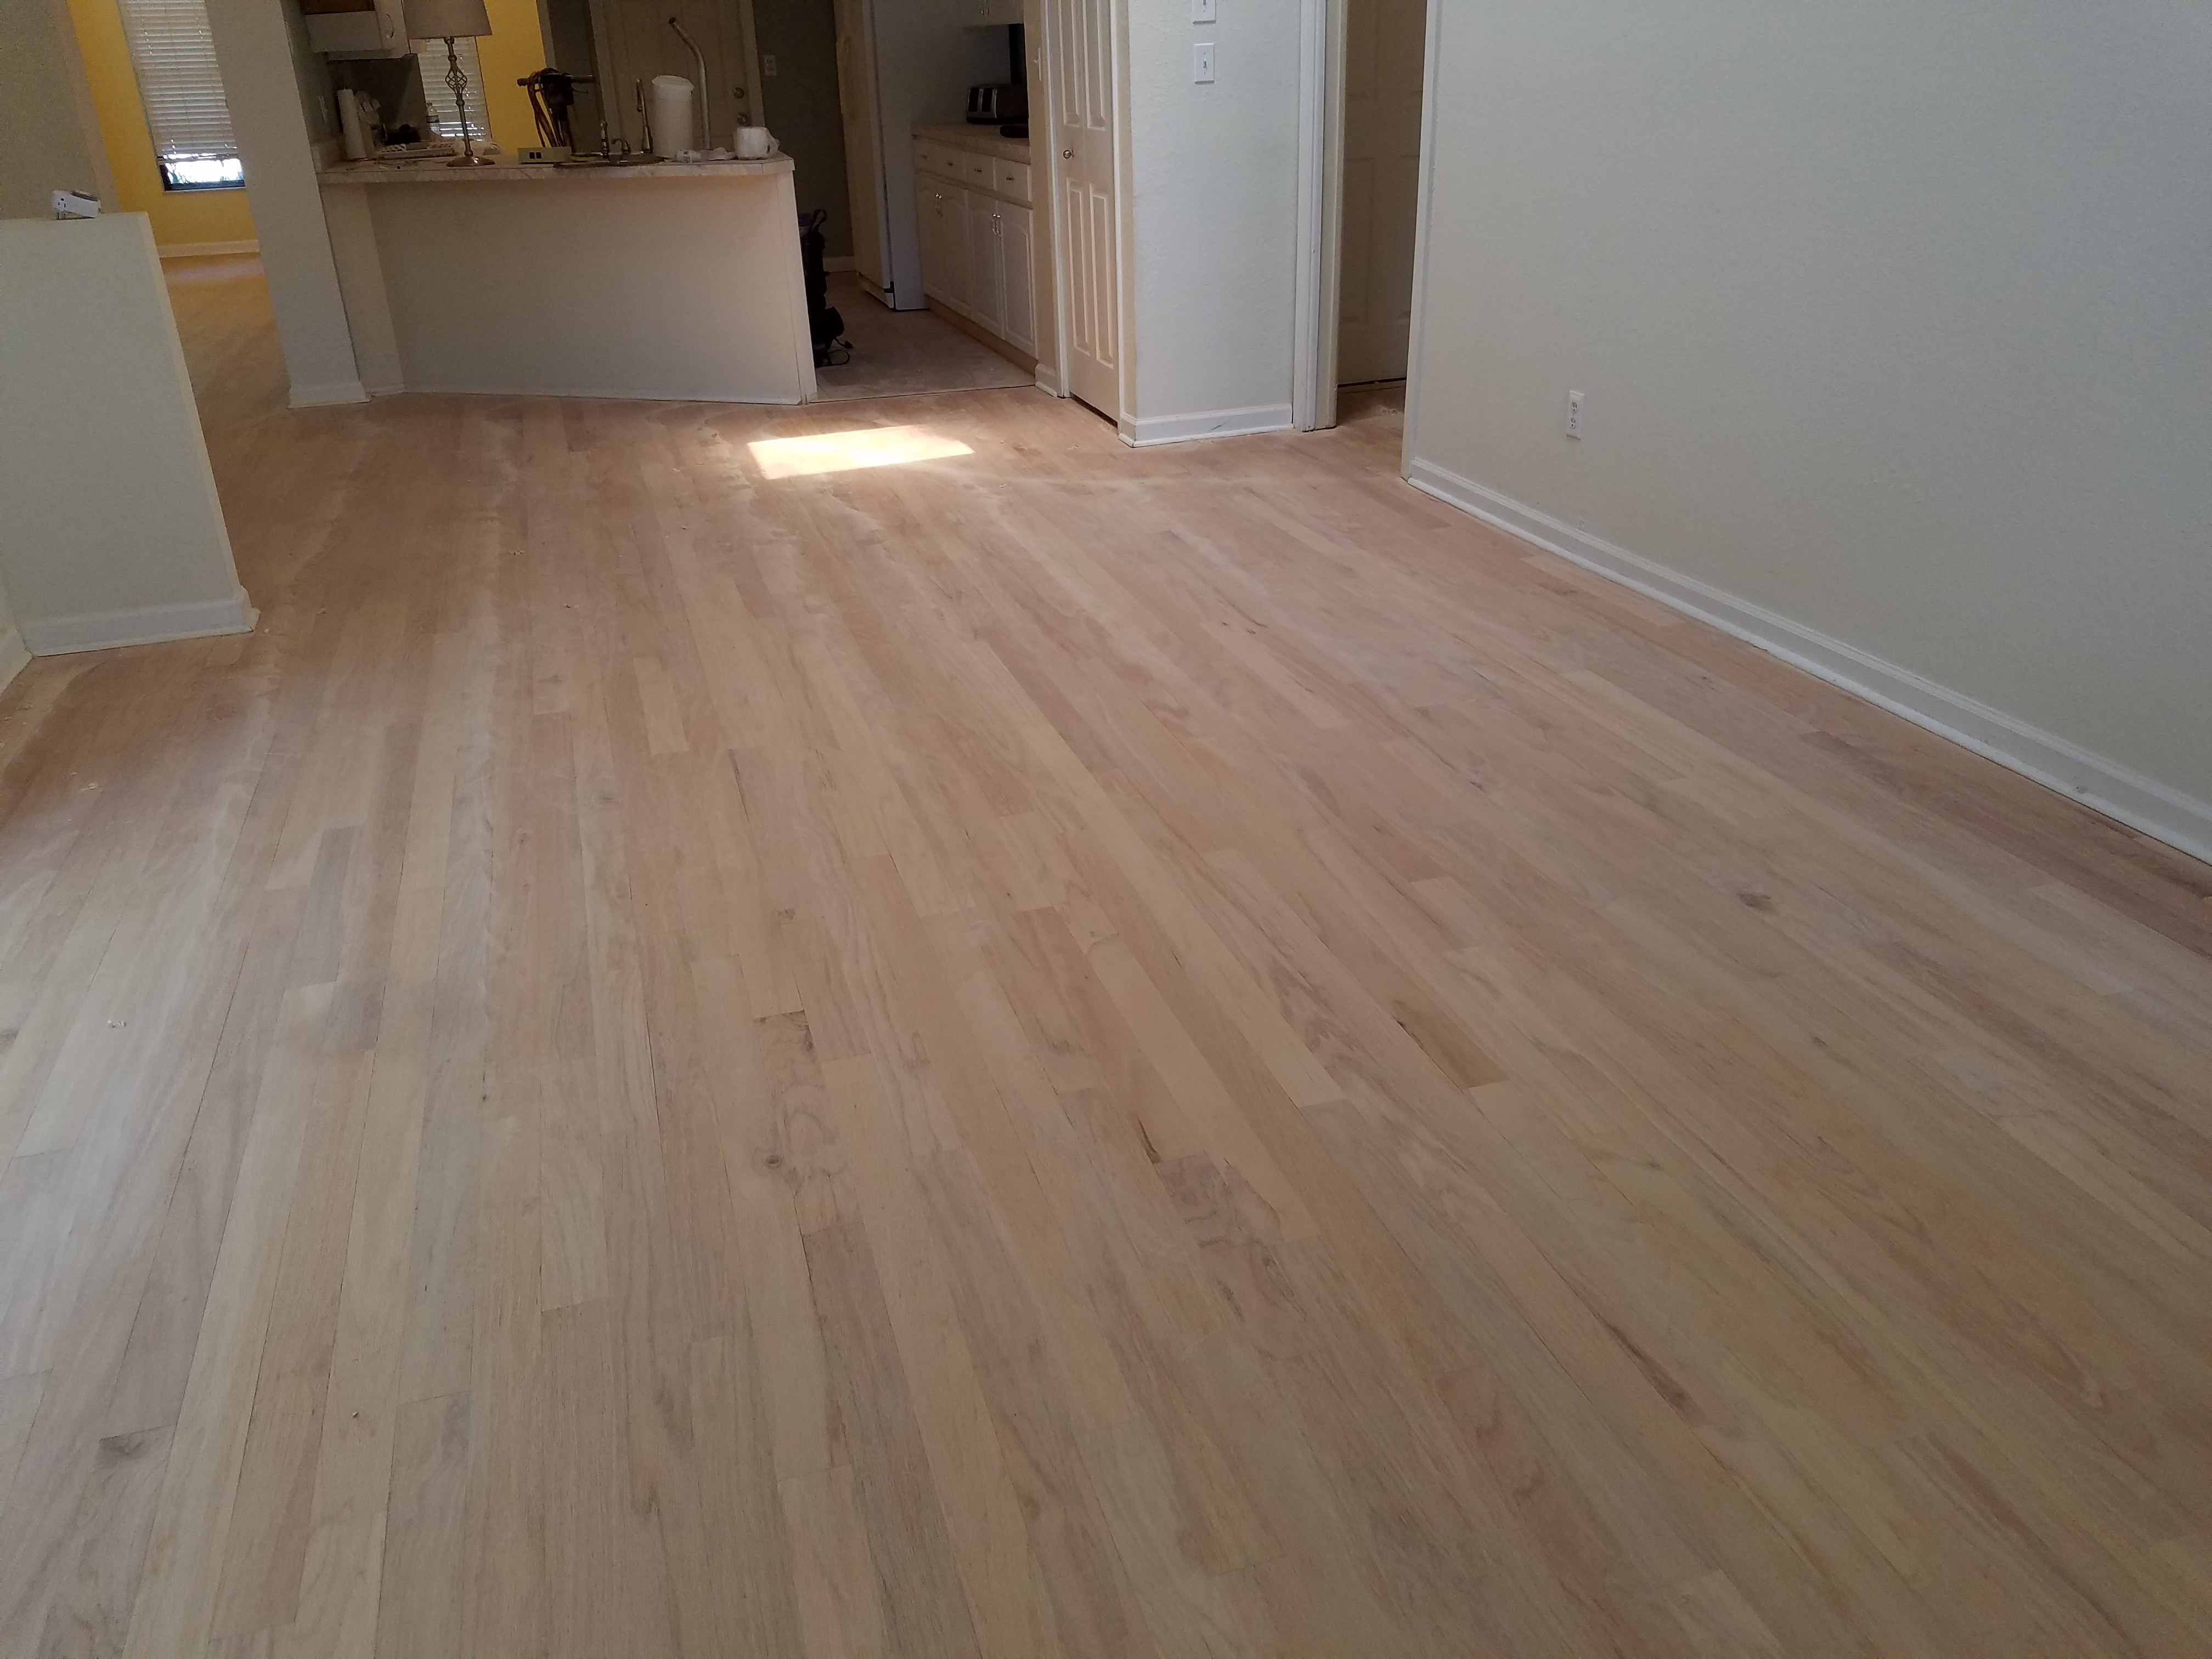 George S Newly Refinished Floor B Amp M Hardwood Floors